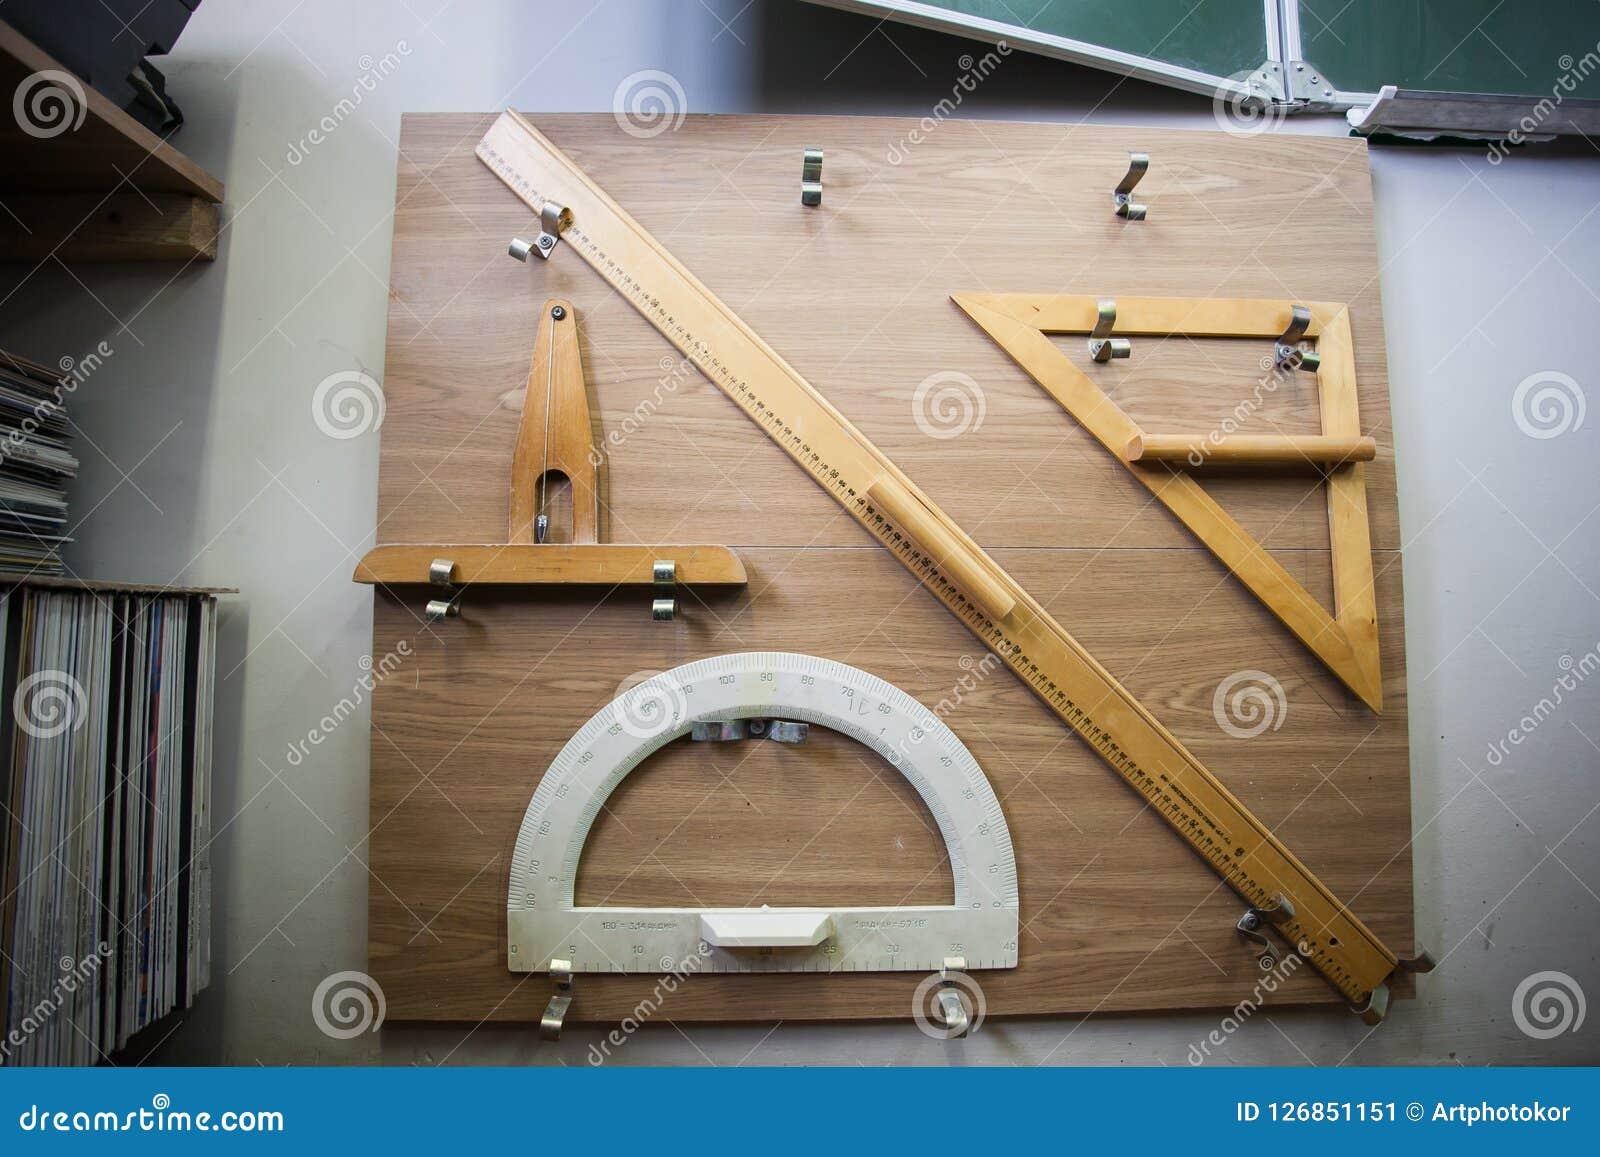 Schoollevering voor wiskunde in bijlage aan vierkante raad